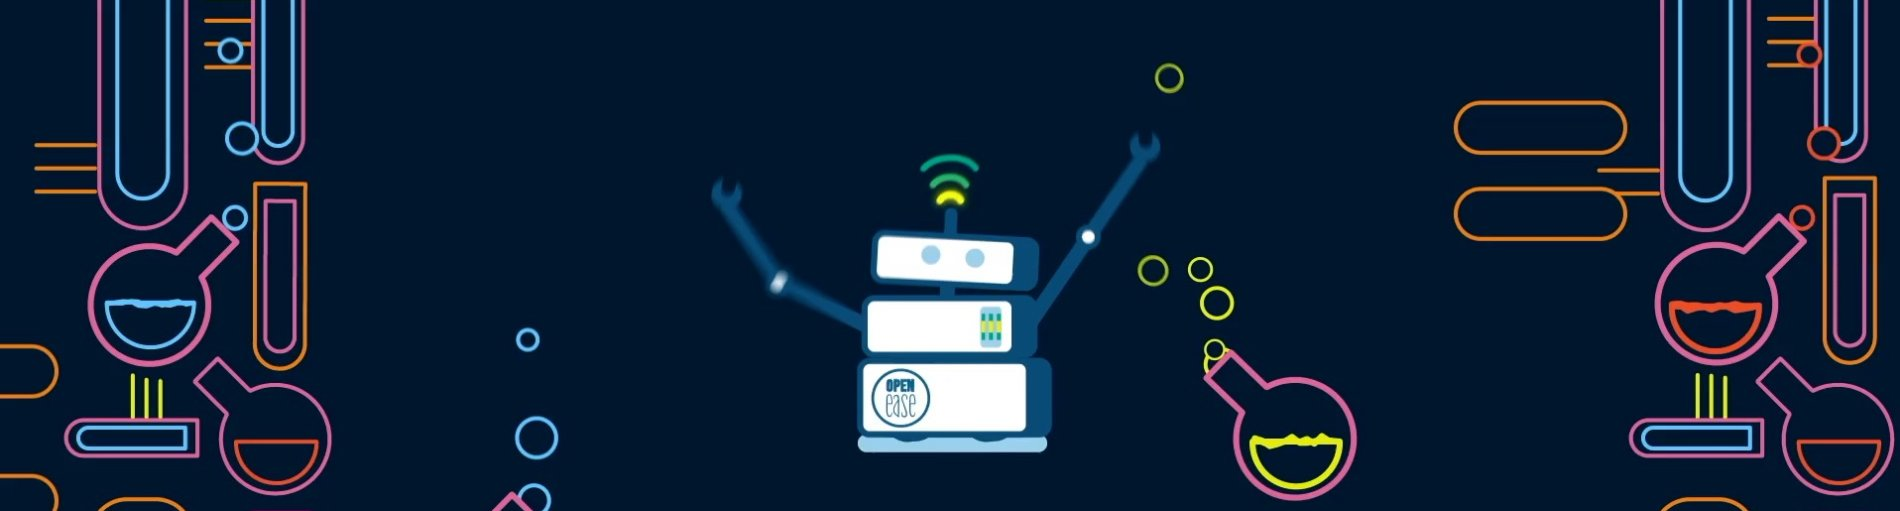 Die Zeichnung eines Roboters im Labor